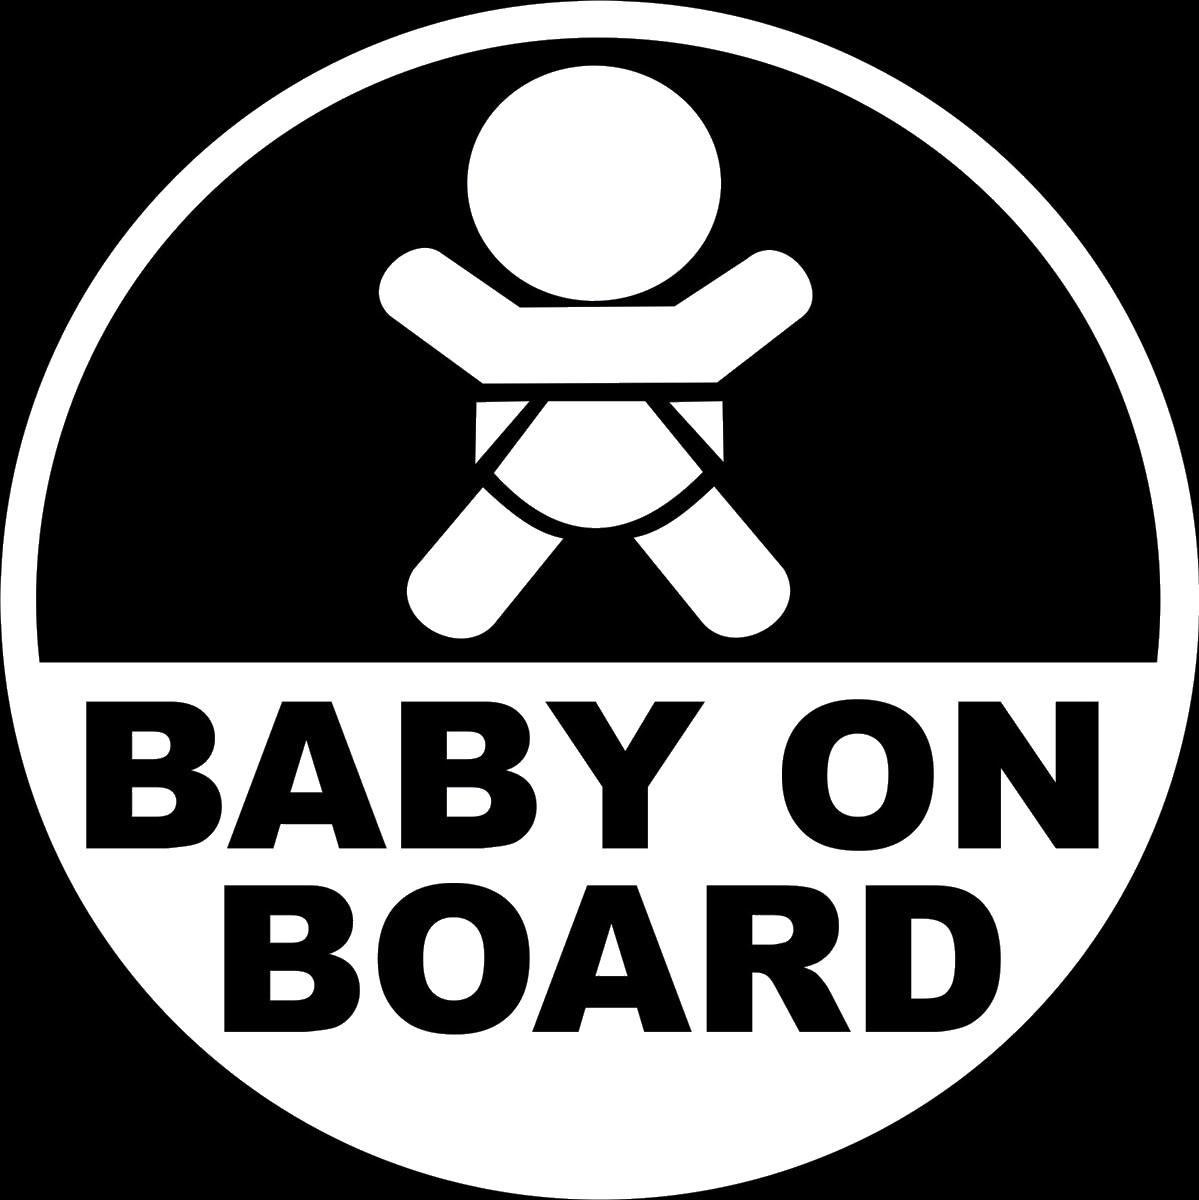 Наклейка автомобильная Оранжевый слоник Baby on Board. Круг, виниловая, цвет: белый150RM0007WОригинальная наклейка Оранжевый слоник Baby on Board. Круг изготовлена из долговечного винила, который выполняет не только декоративную функцию, но и защищает кузов от небольших механических повреждений, либо скрывает уже существующие. Виниловые наклейки на авто - это не только красиво, но еще и быстро! Всего за несколько минут вы можете полностью преобразить свой автомобиль, сделать его ярким, необычным, особенным и неповторимым!